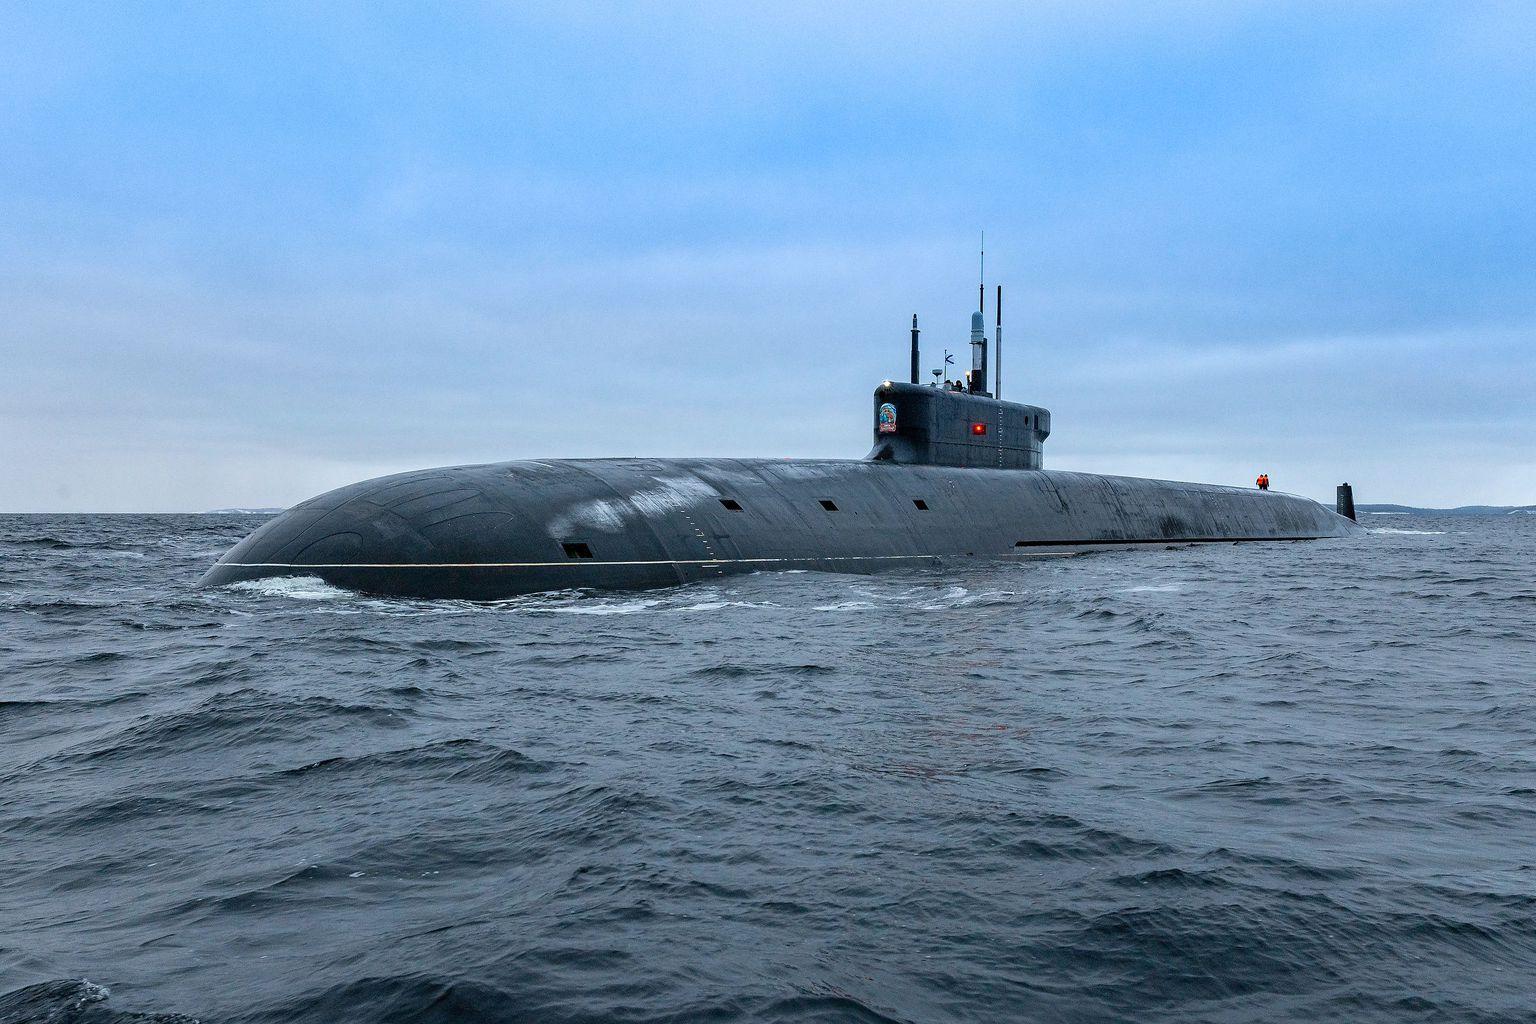 A Projekt 955A Borej-A osztály idén júniusban hadrendbe állt tagja a Knyaz Vlagyimir, mely 16 Bulava tengeralattjáróról indítható ballisztikus rakéta hordozására képes #moszkvater